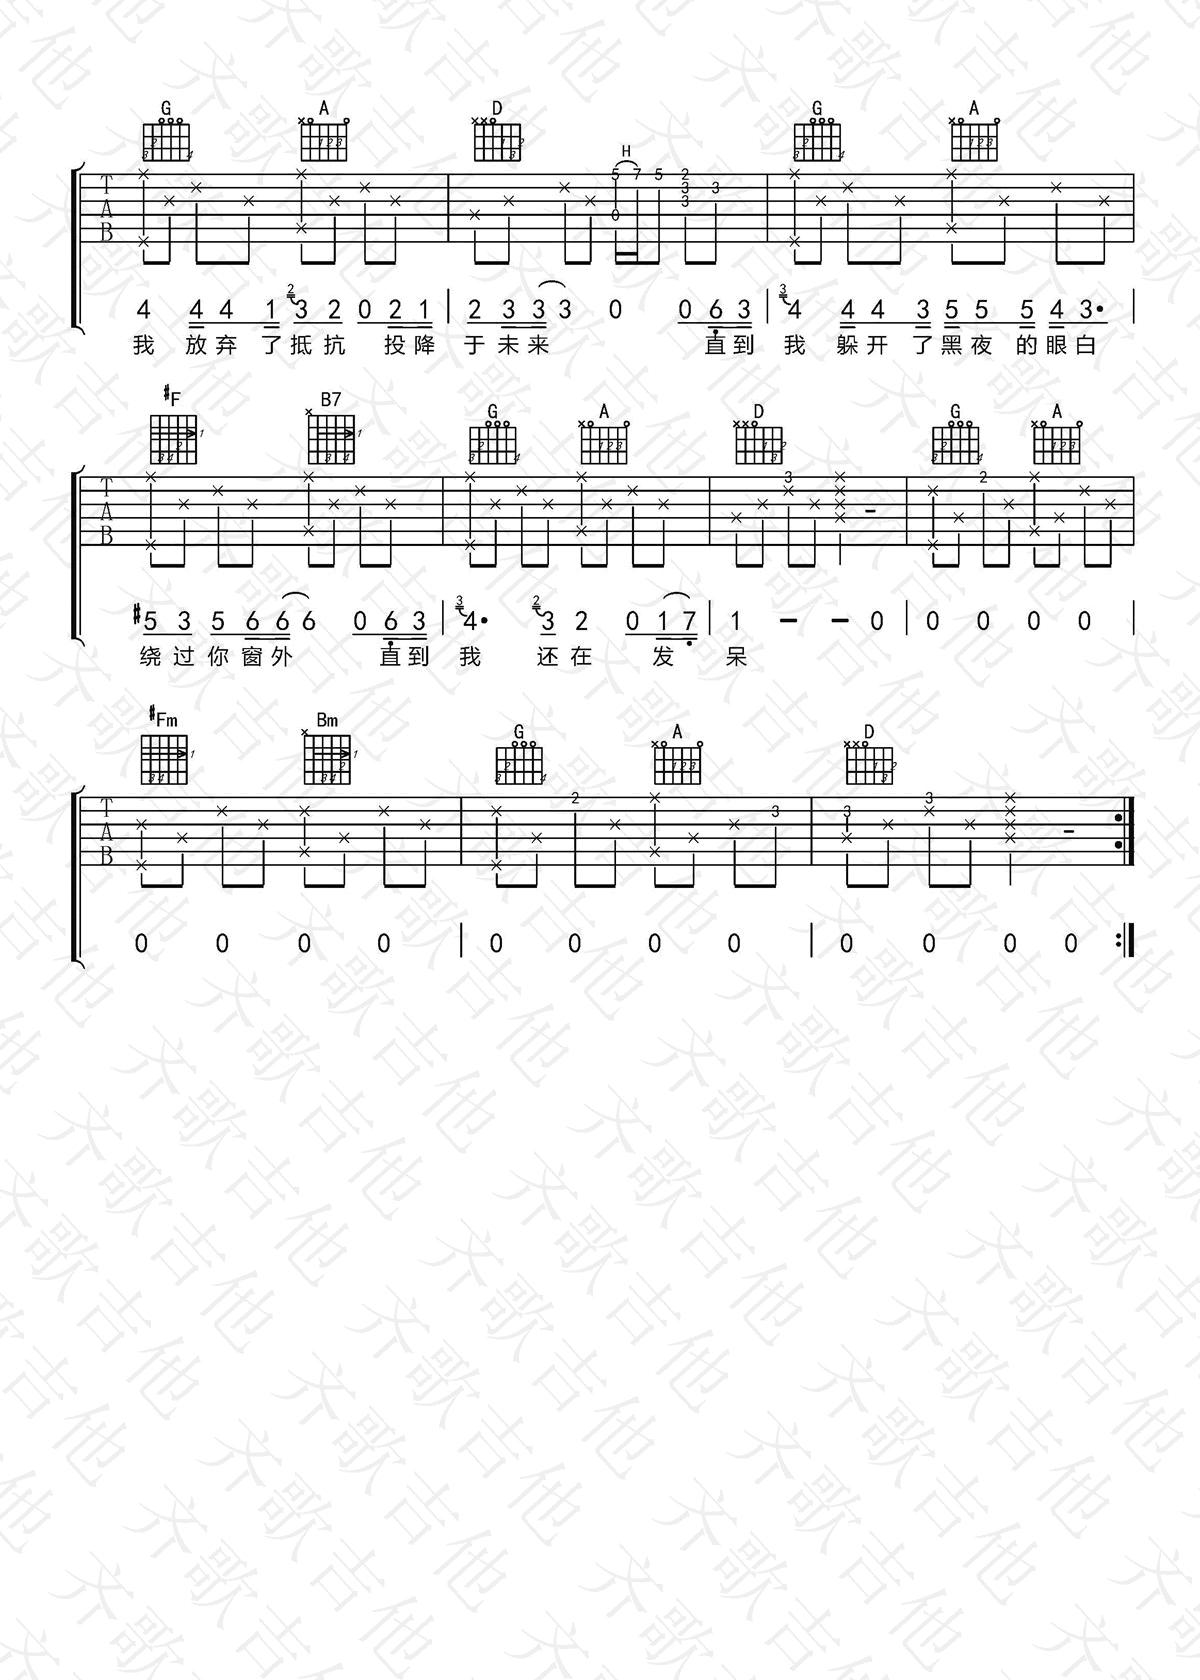 王北车《致你所爱吉他谱》吉他谱 D调吉他弹唱谱2